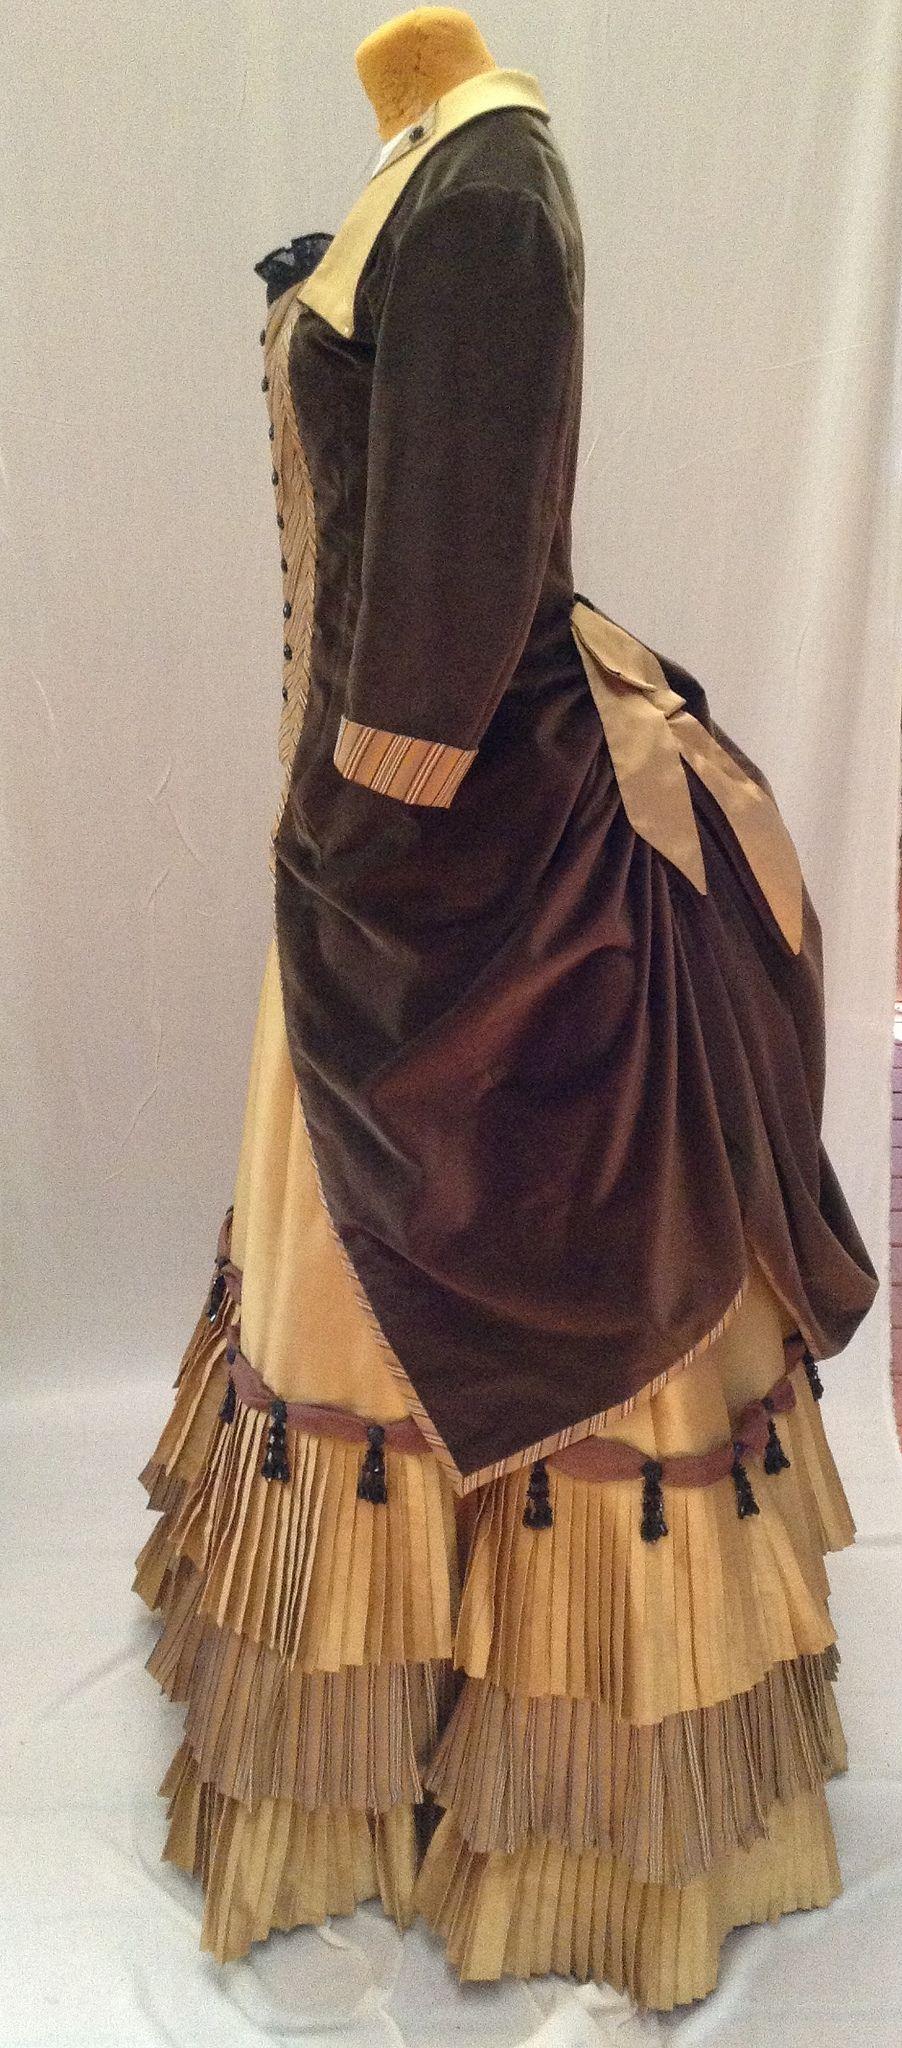 CNeitz2 | Schneiderei, historische Kleidung und Kleider